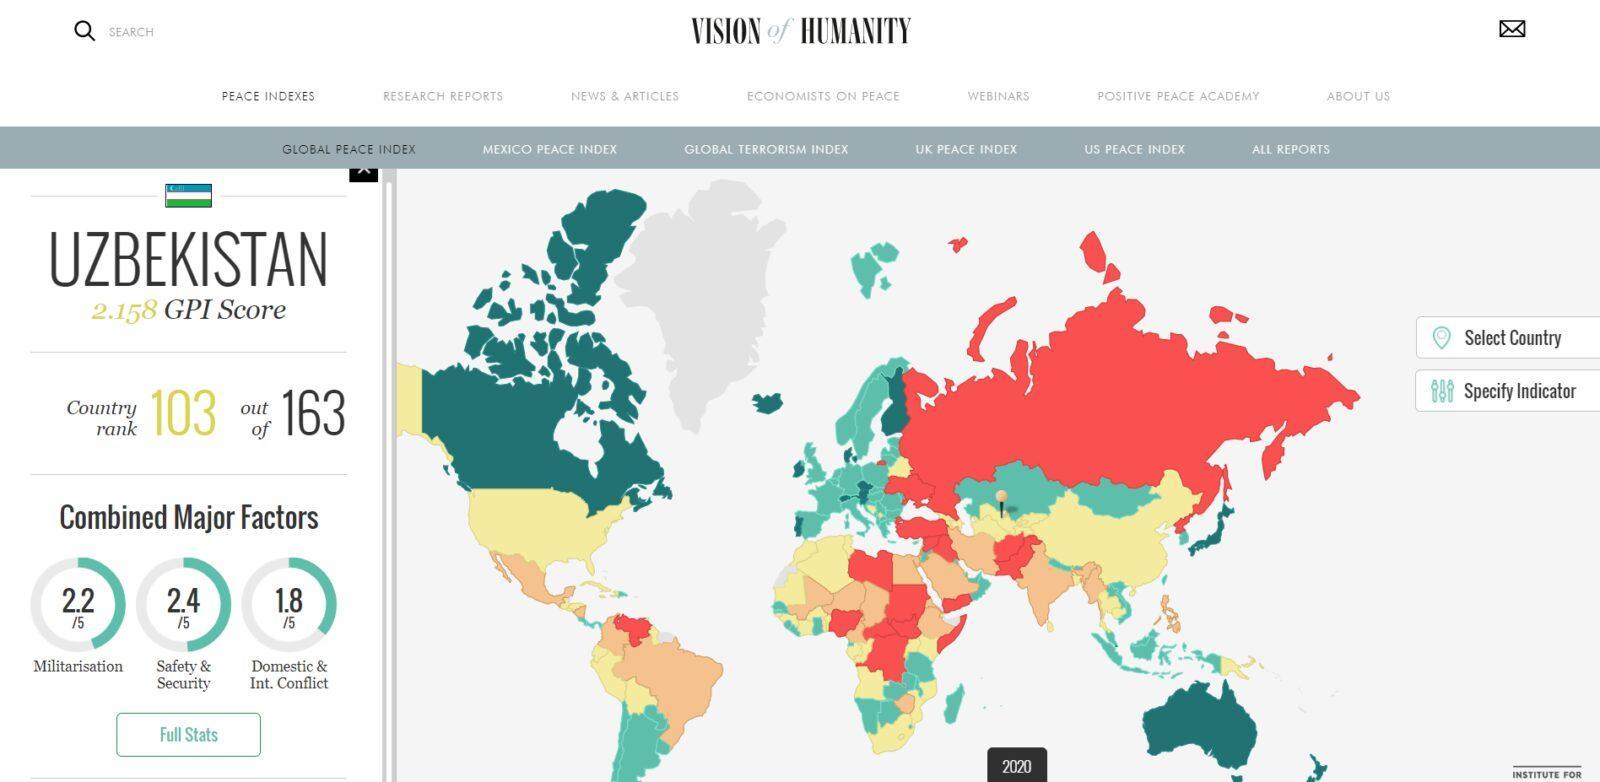 Узбекистан опустился на одну строчку в Глобальном индексе миролюбия